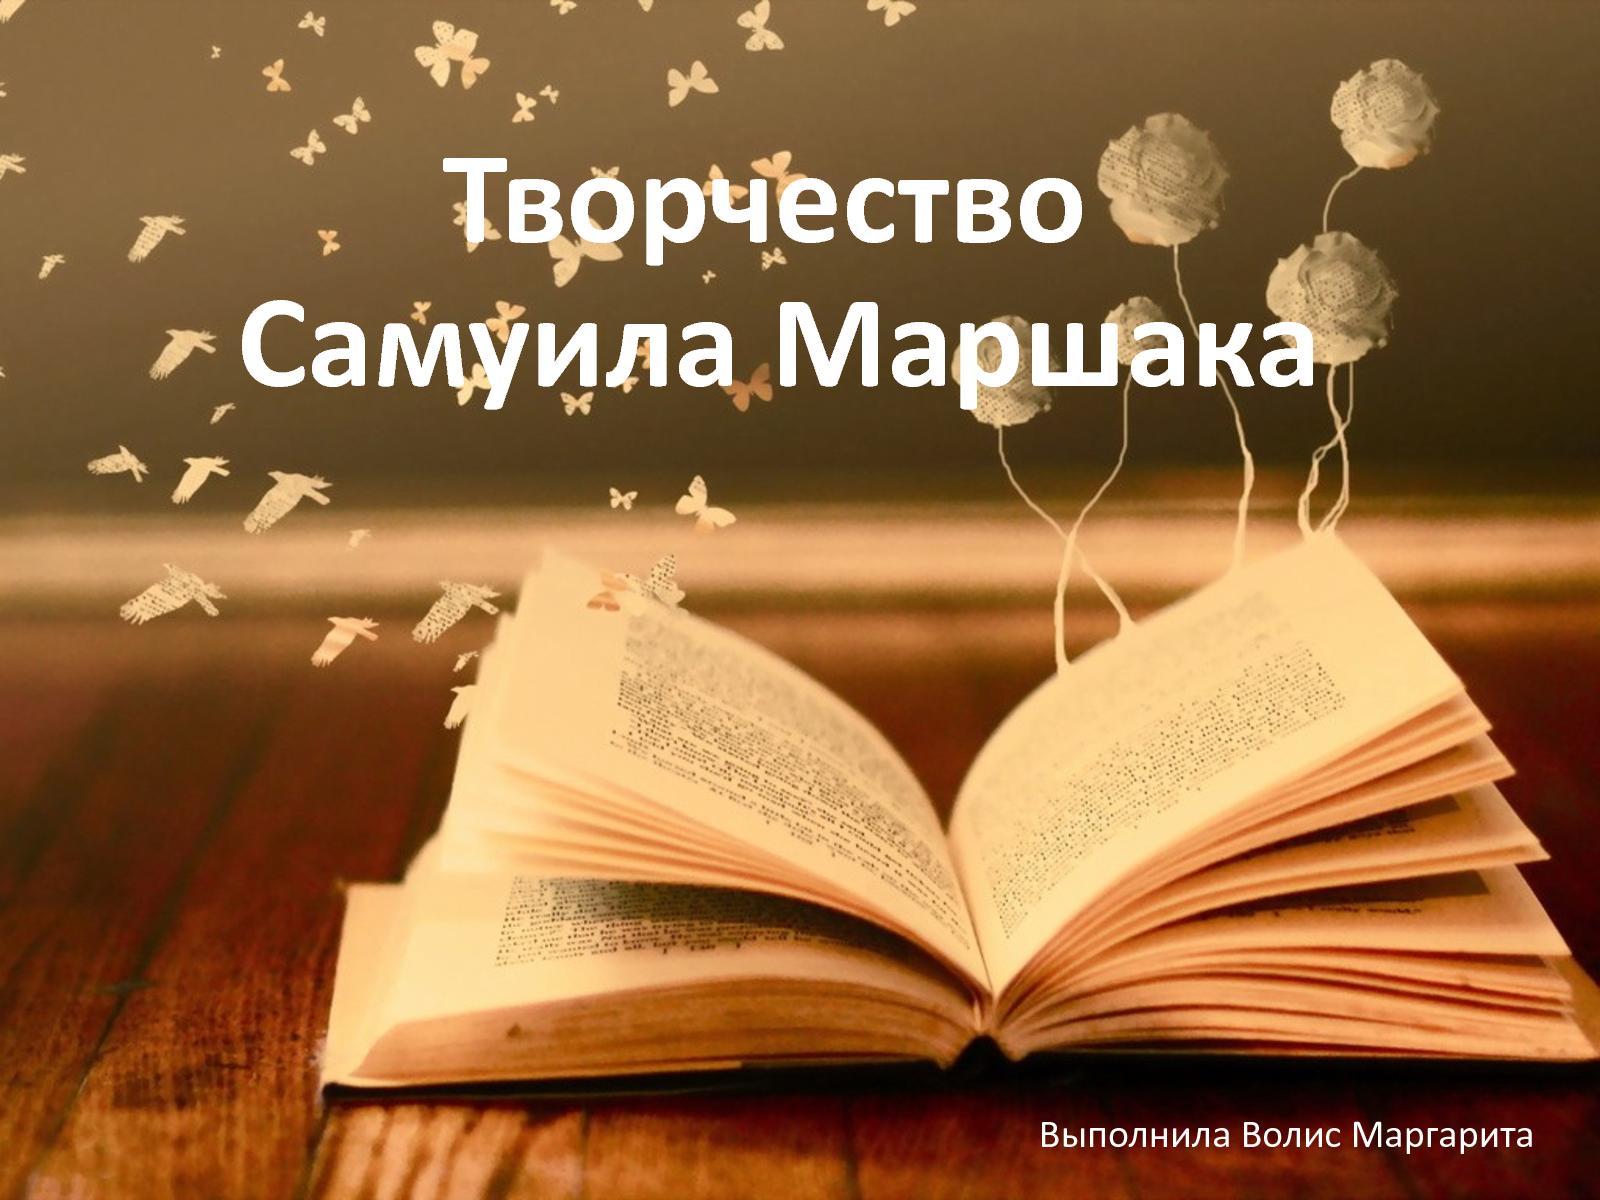 Картинки с цитатами про библиотеку и книги